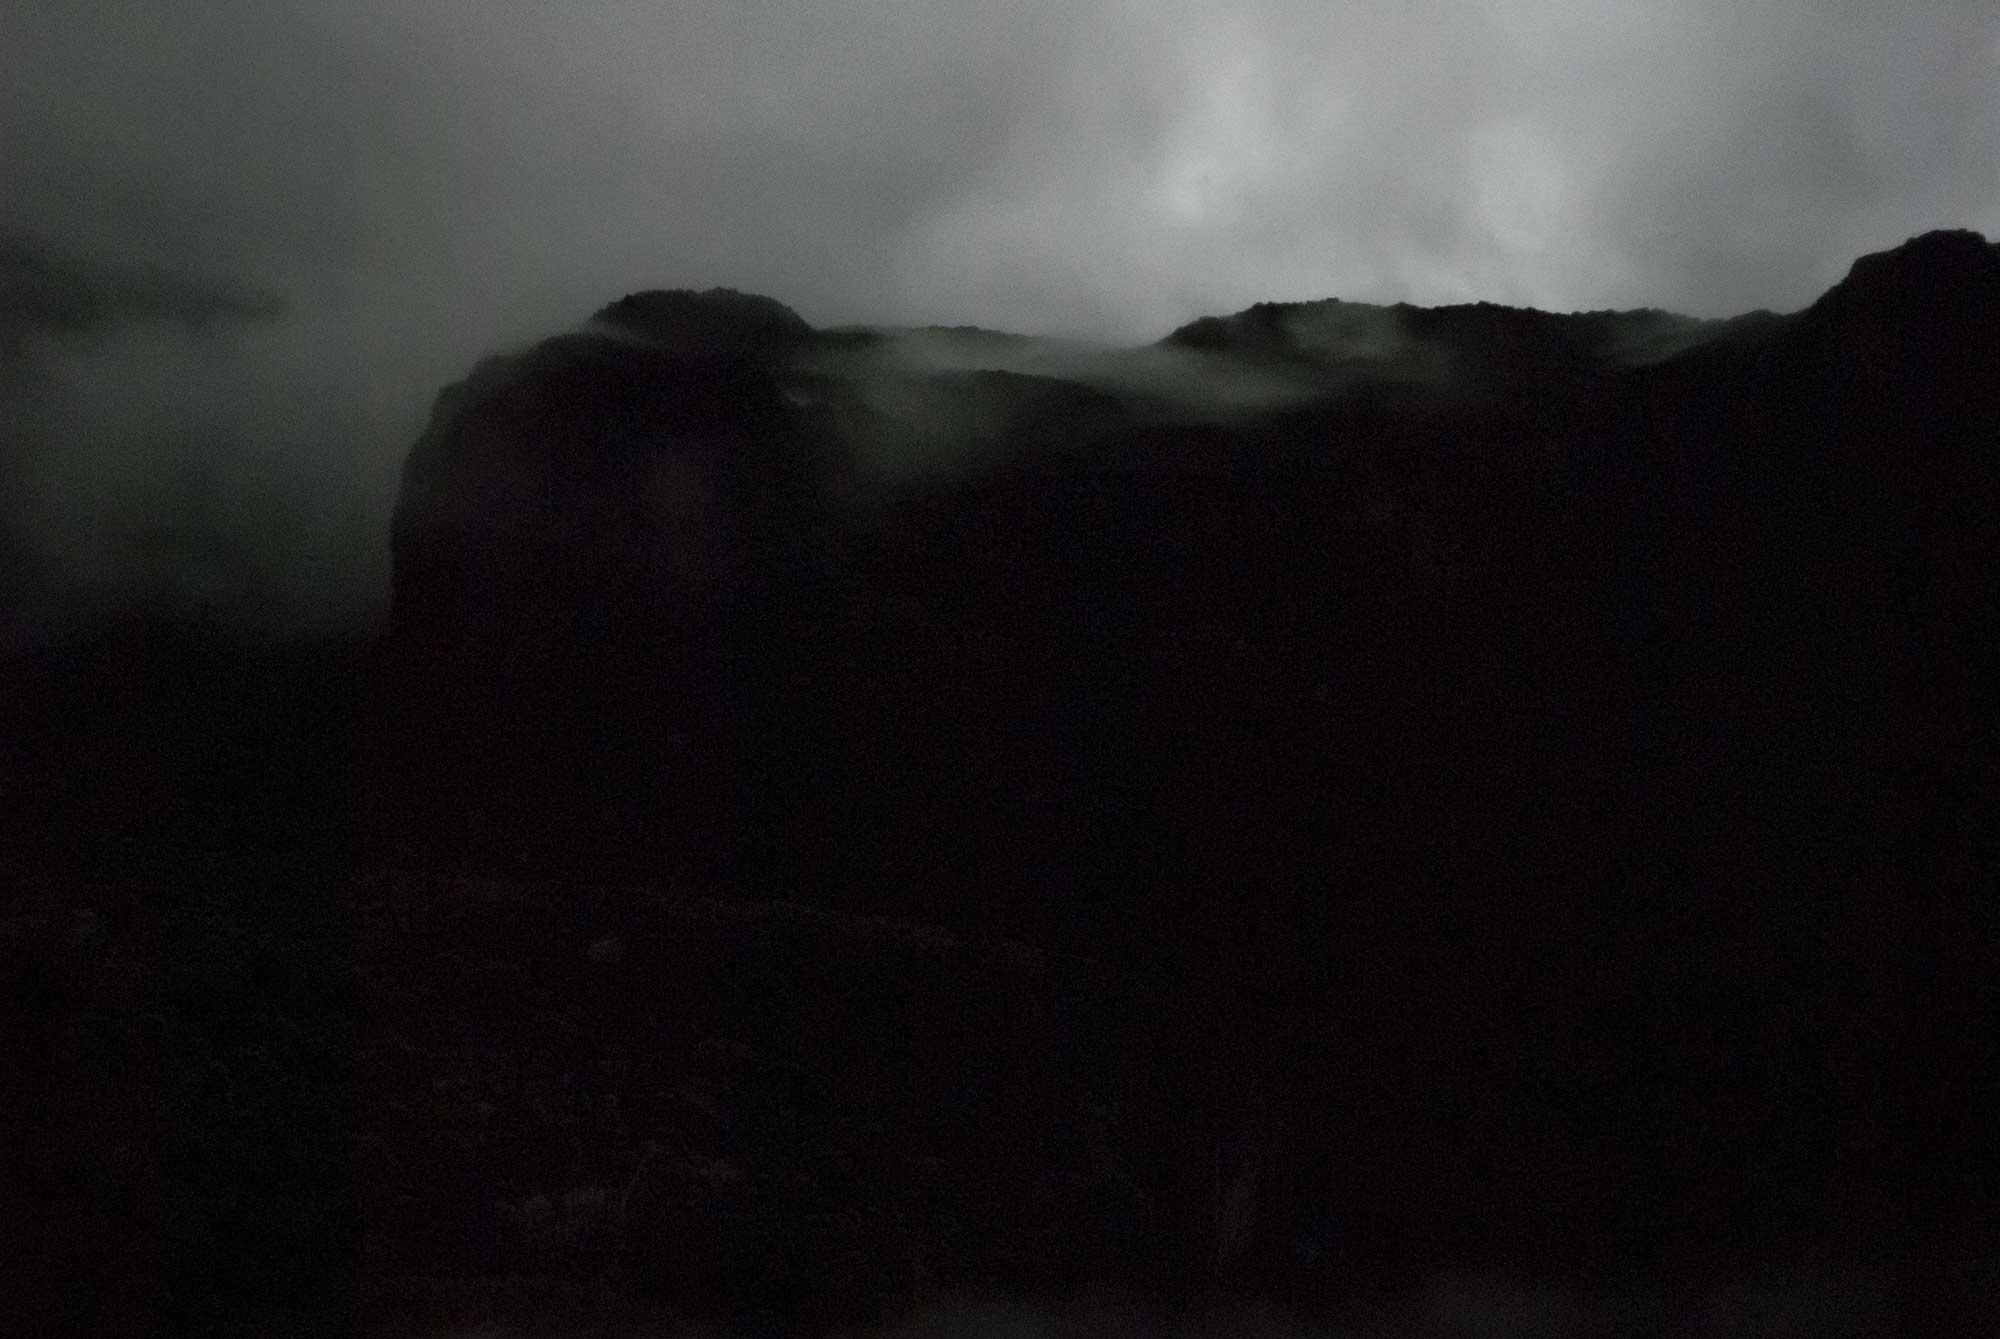 D4-15-barranco-wall-kilimanjaro.jpg